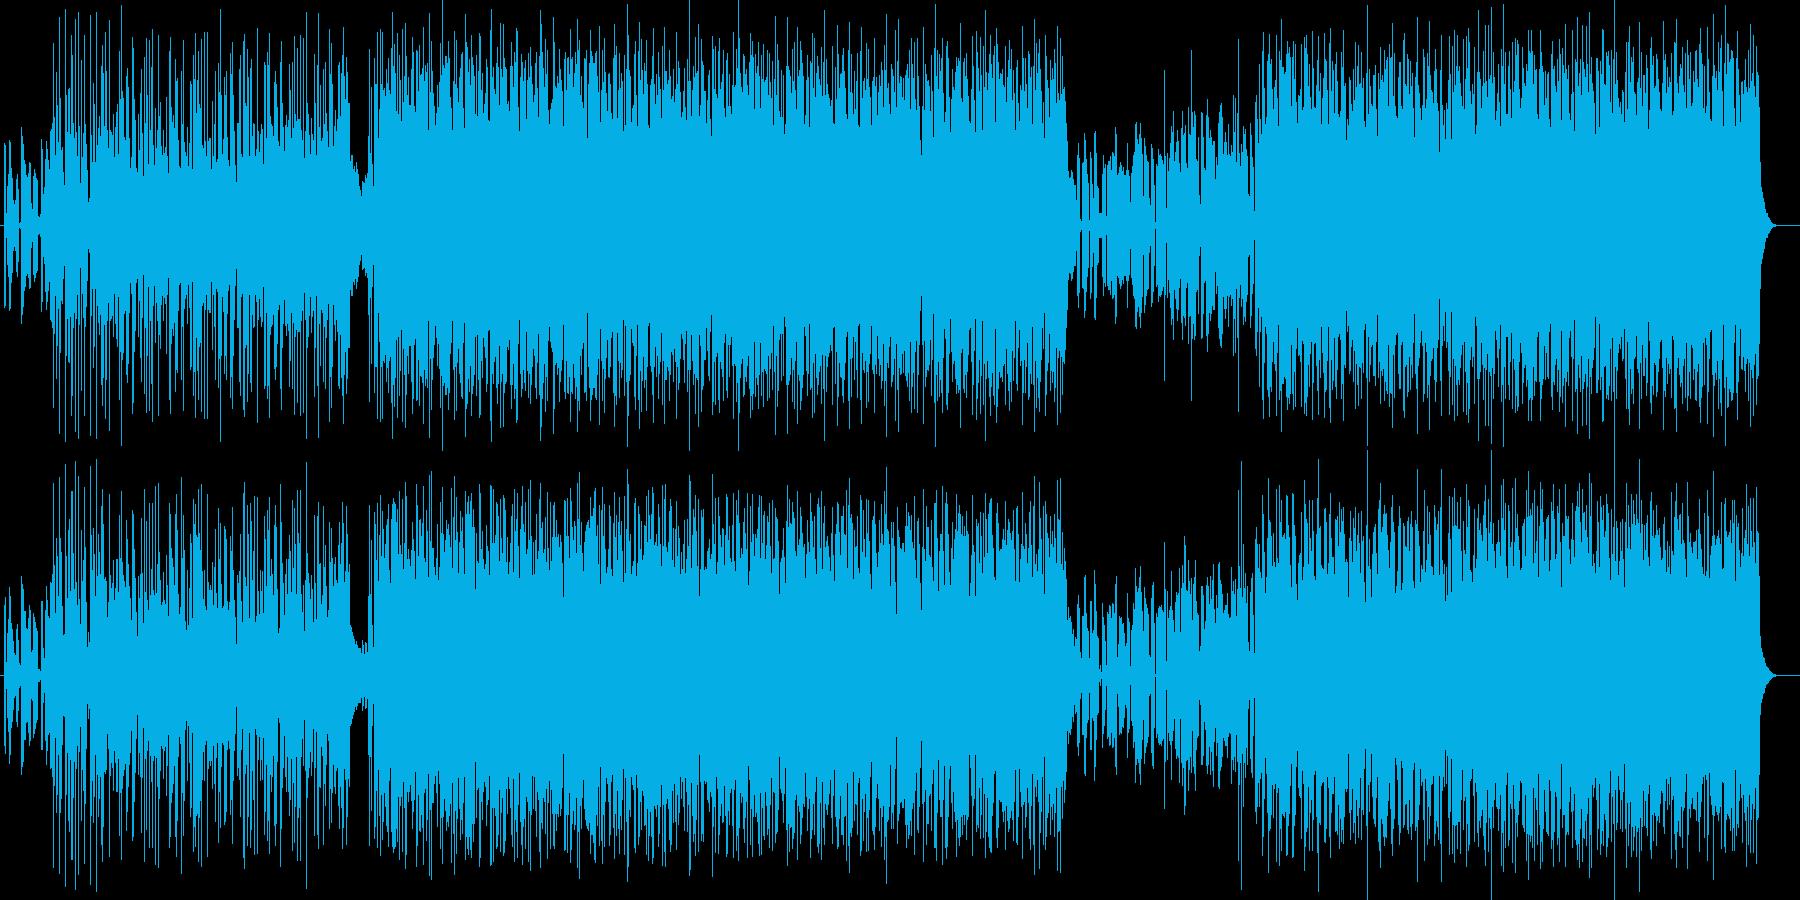 ヘビーでダークな重厚感あるエレキパンクの再生済みの波形